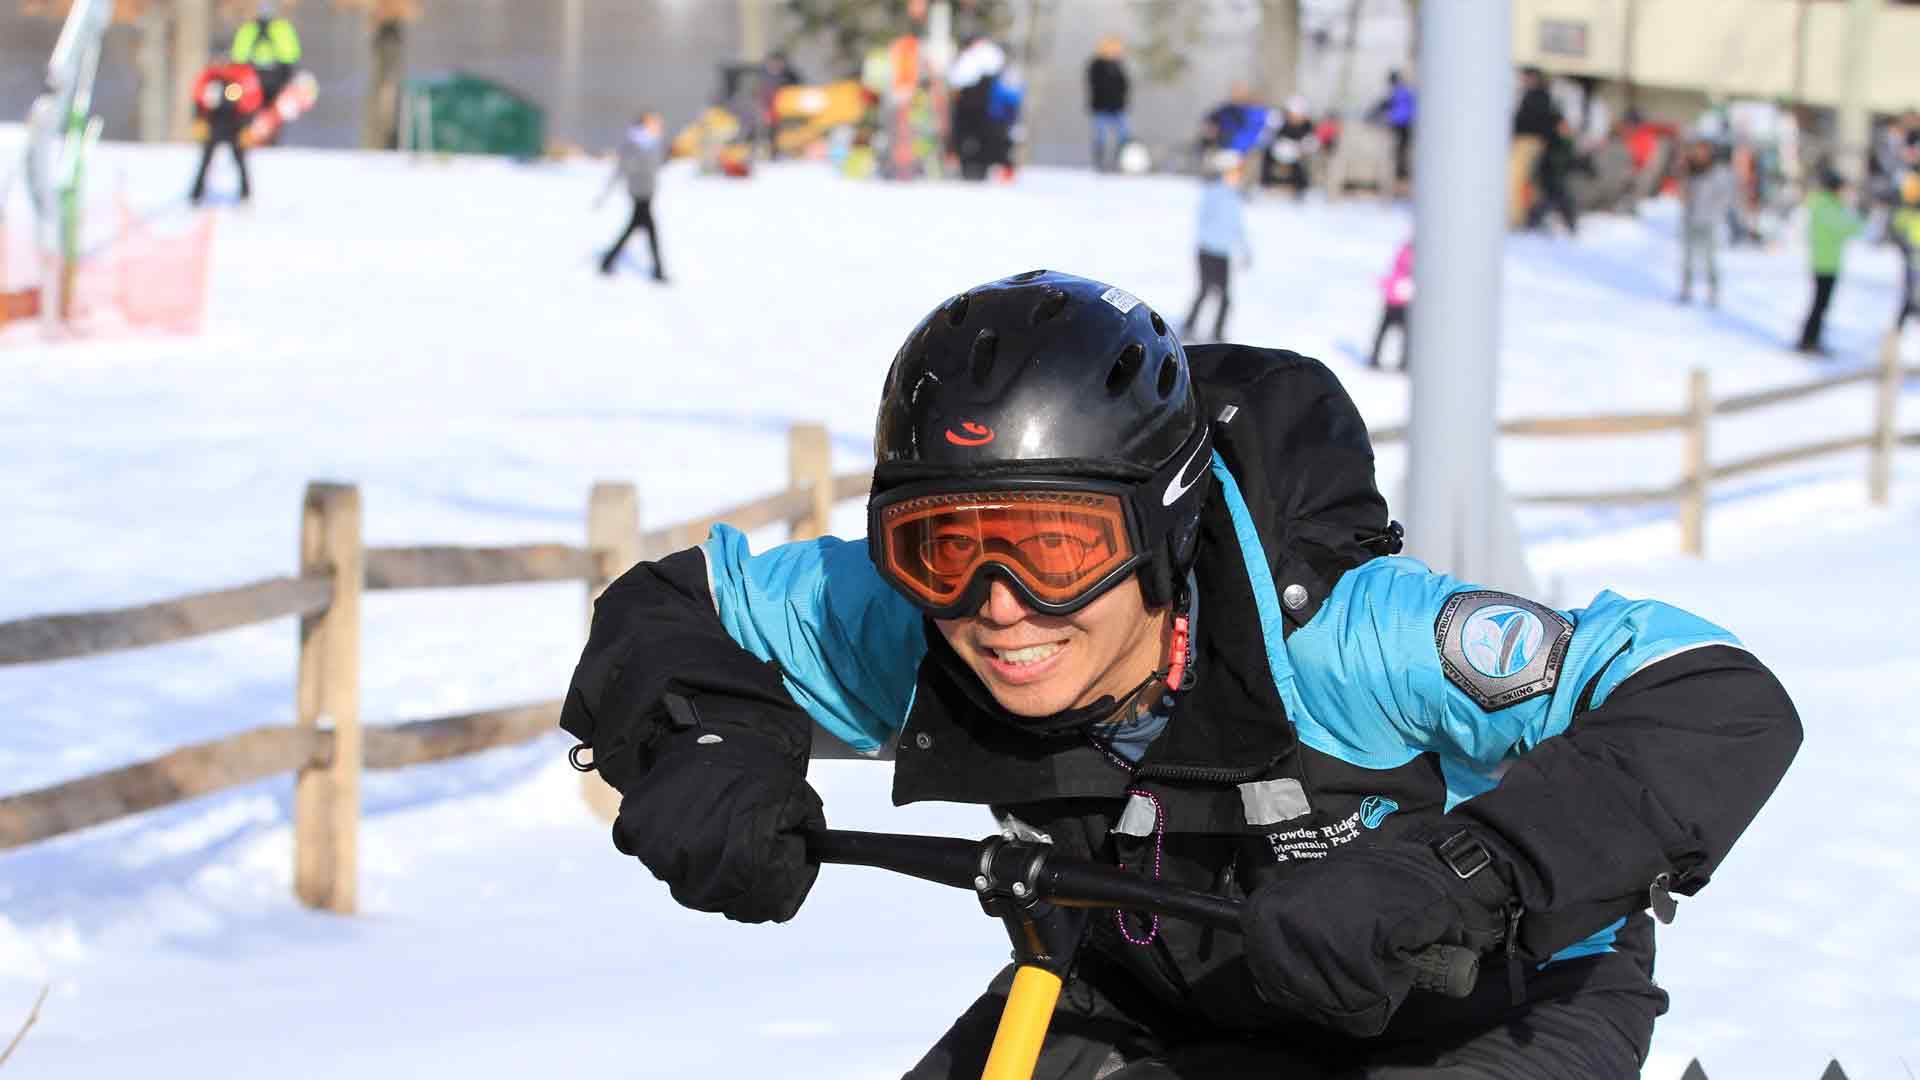 snowbiking - powder ridge mountain park & resort